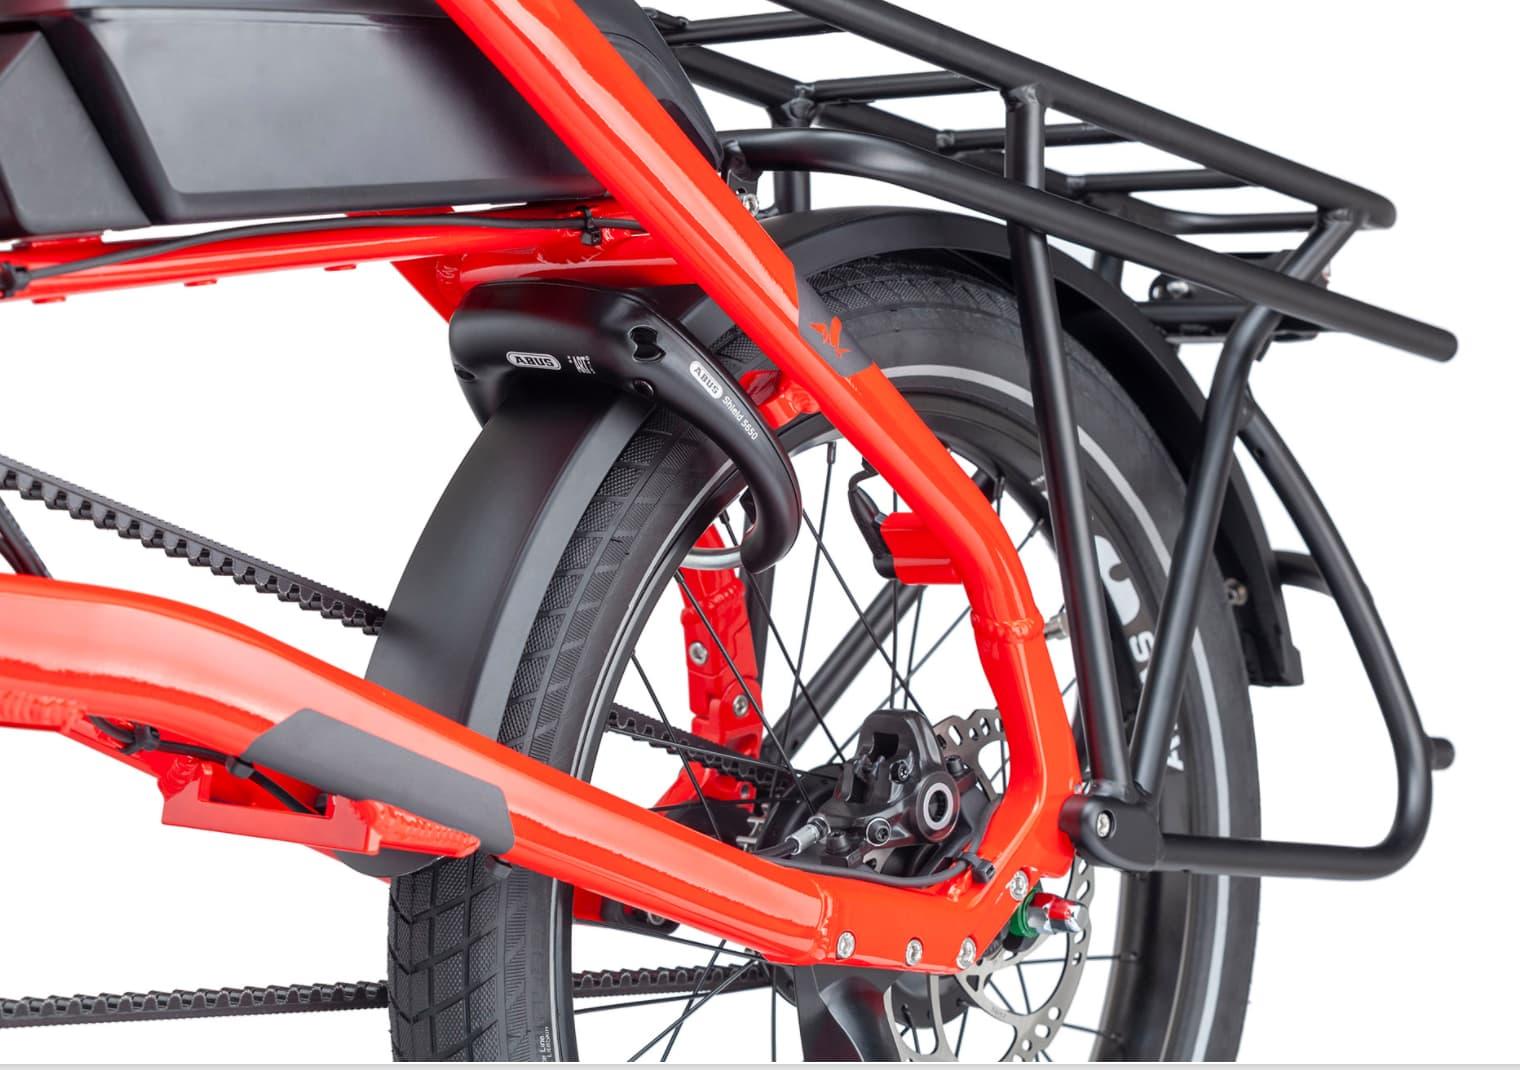 Tern HSD rear rack